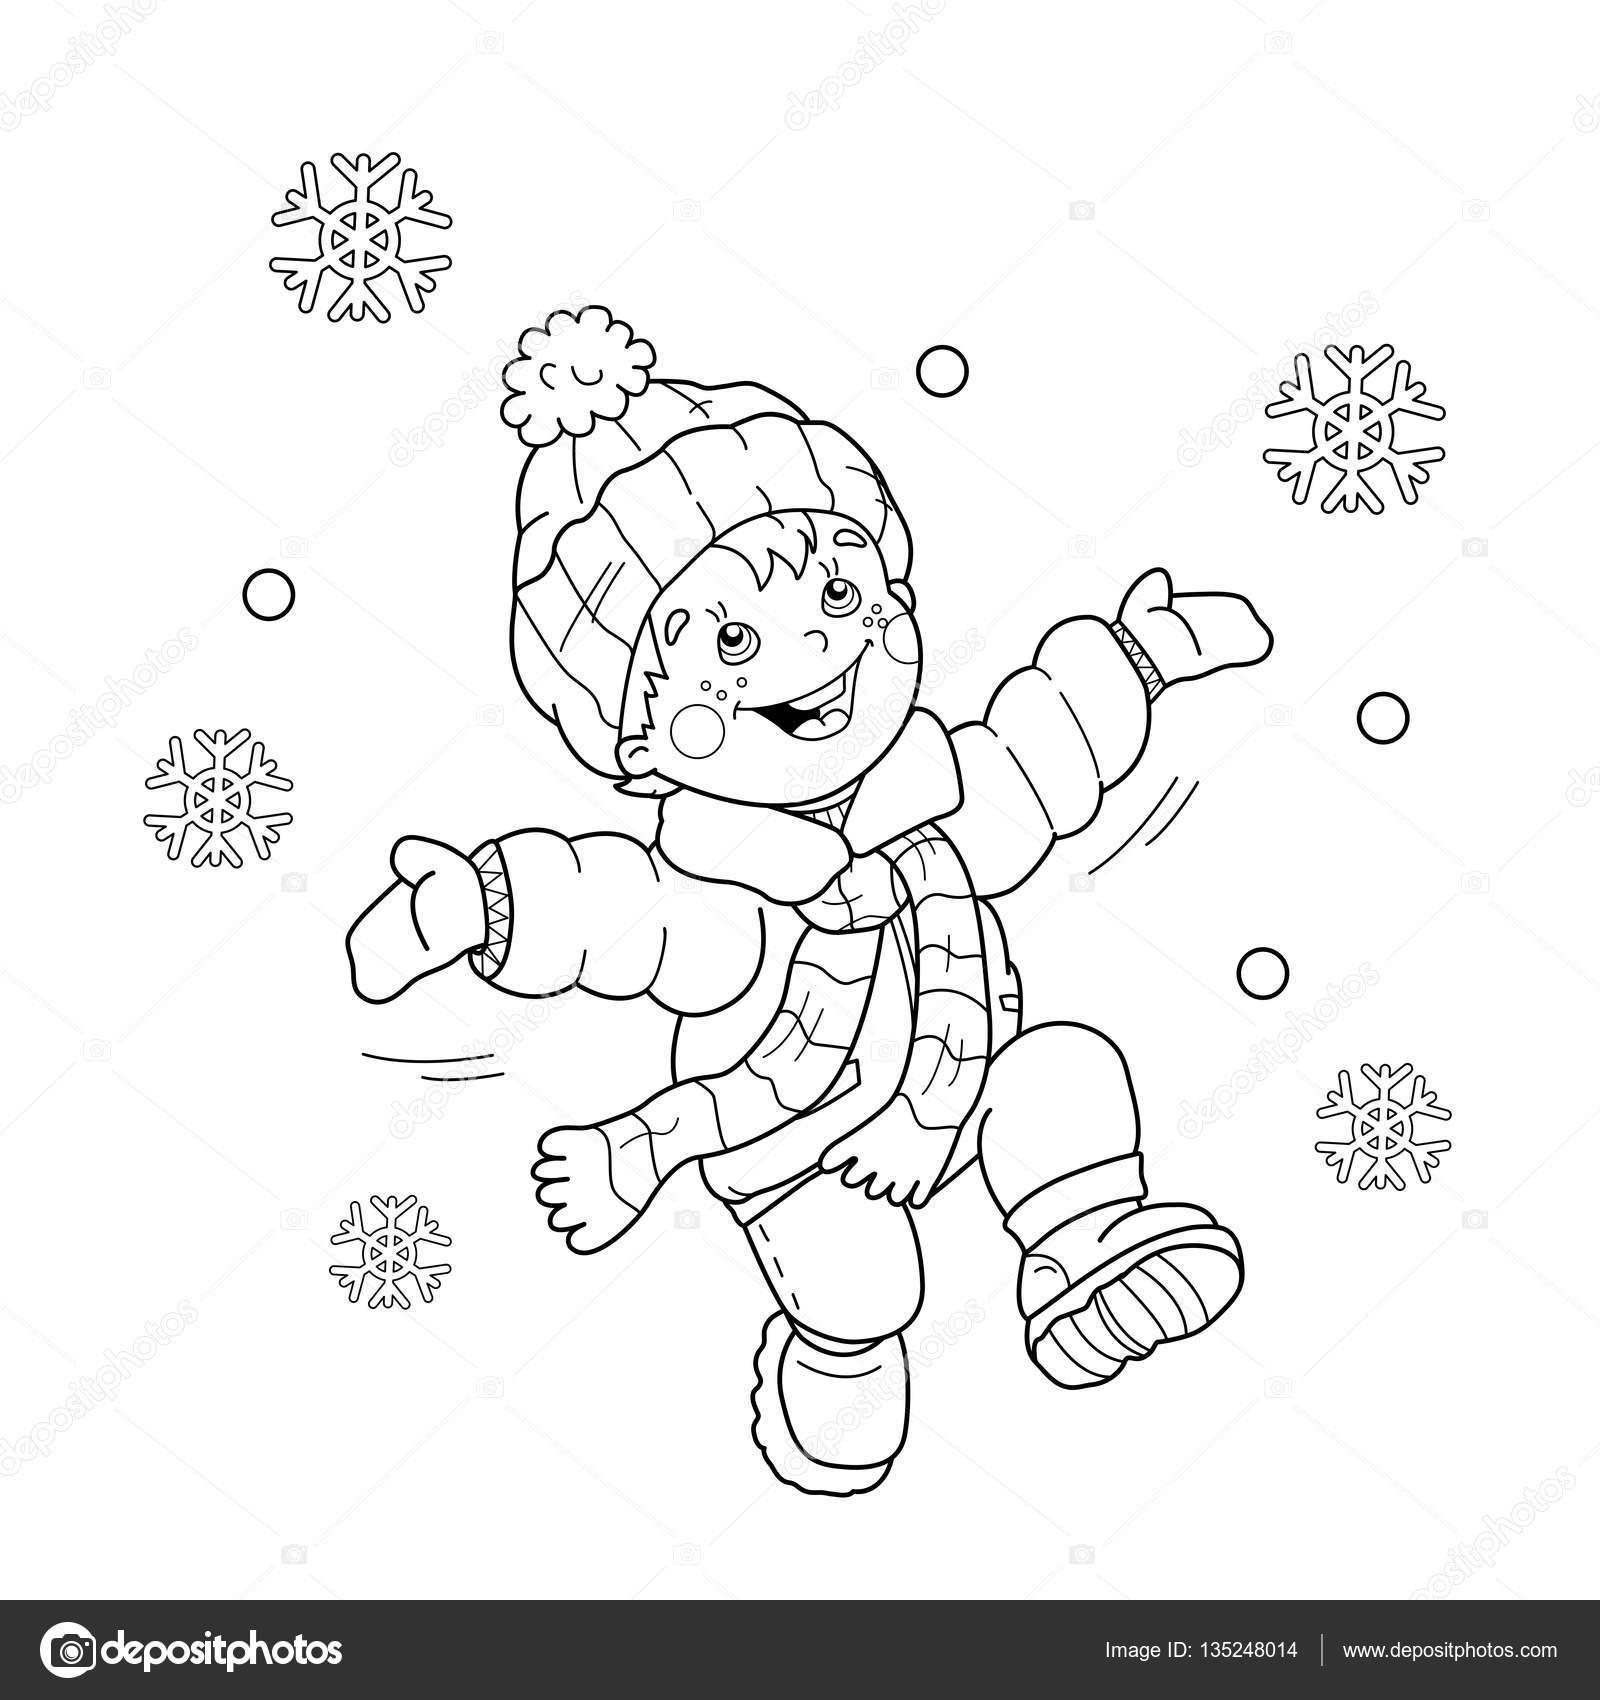 Colorear página contorno de dibujos animados chico saltando para la ...